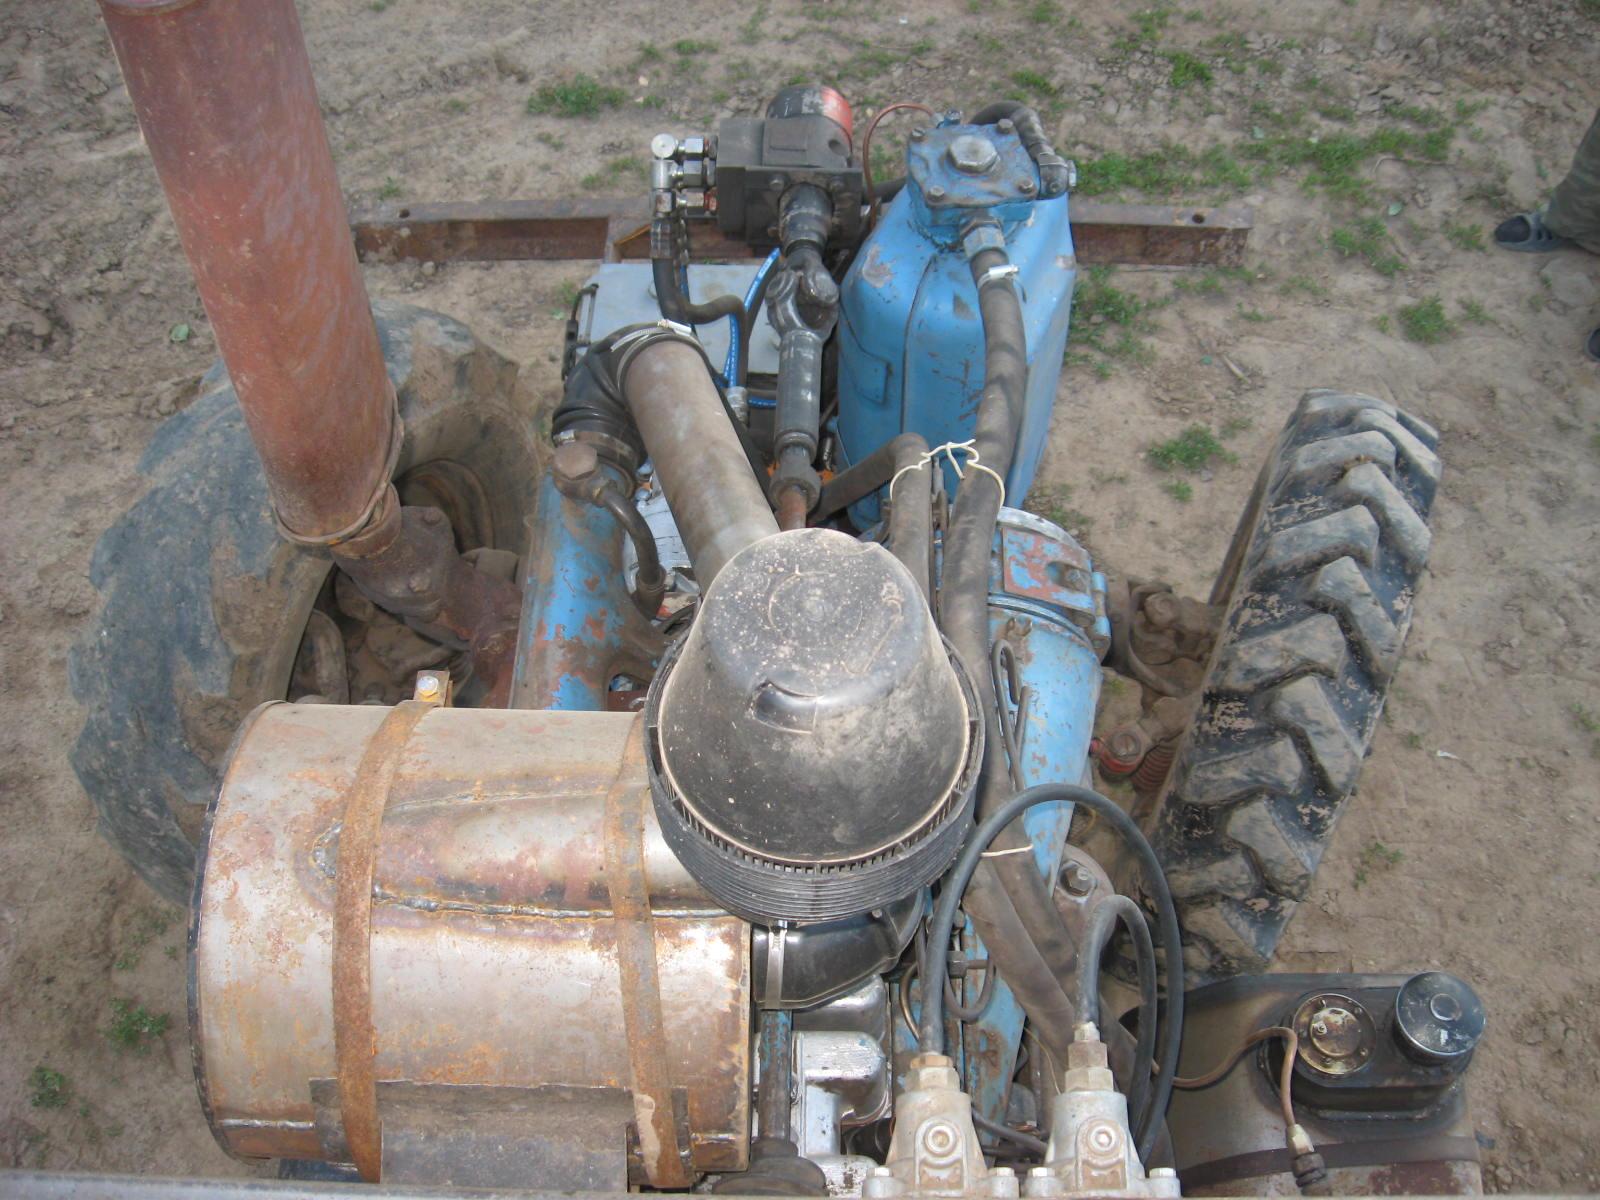 Трактор Т-40ам купить в городе Тюмени. Цена 100000 рублей